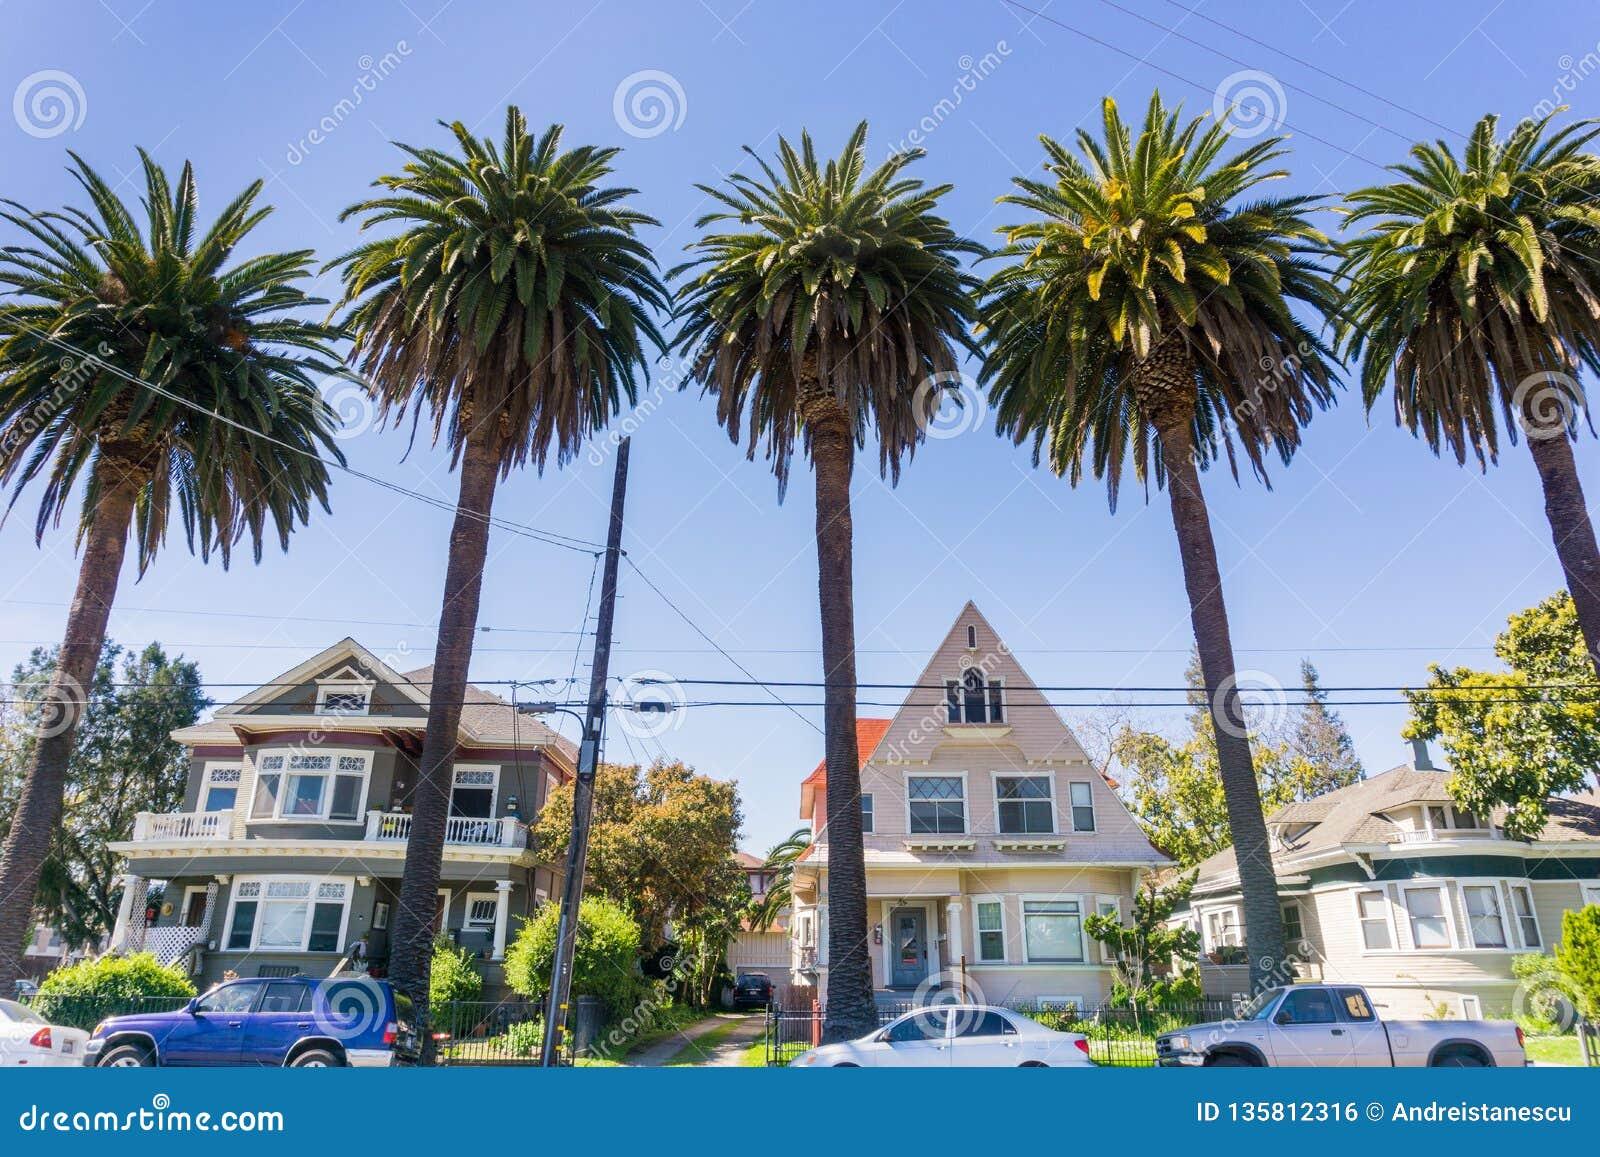 Gamla hus och palmträd på en gata i i stadens centrum San Jose, Kalifornien